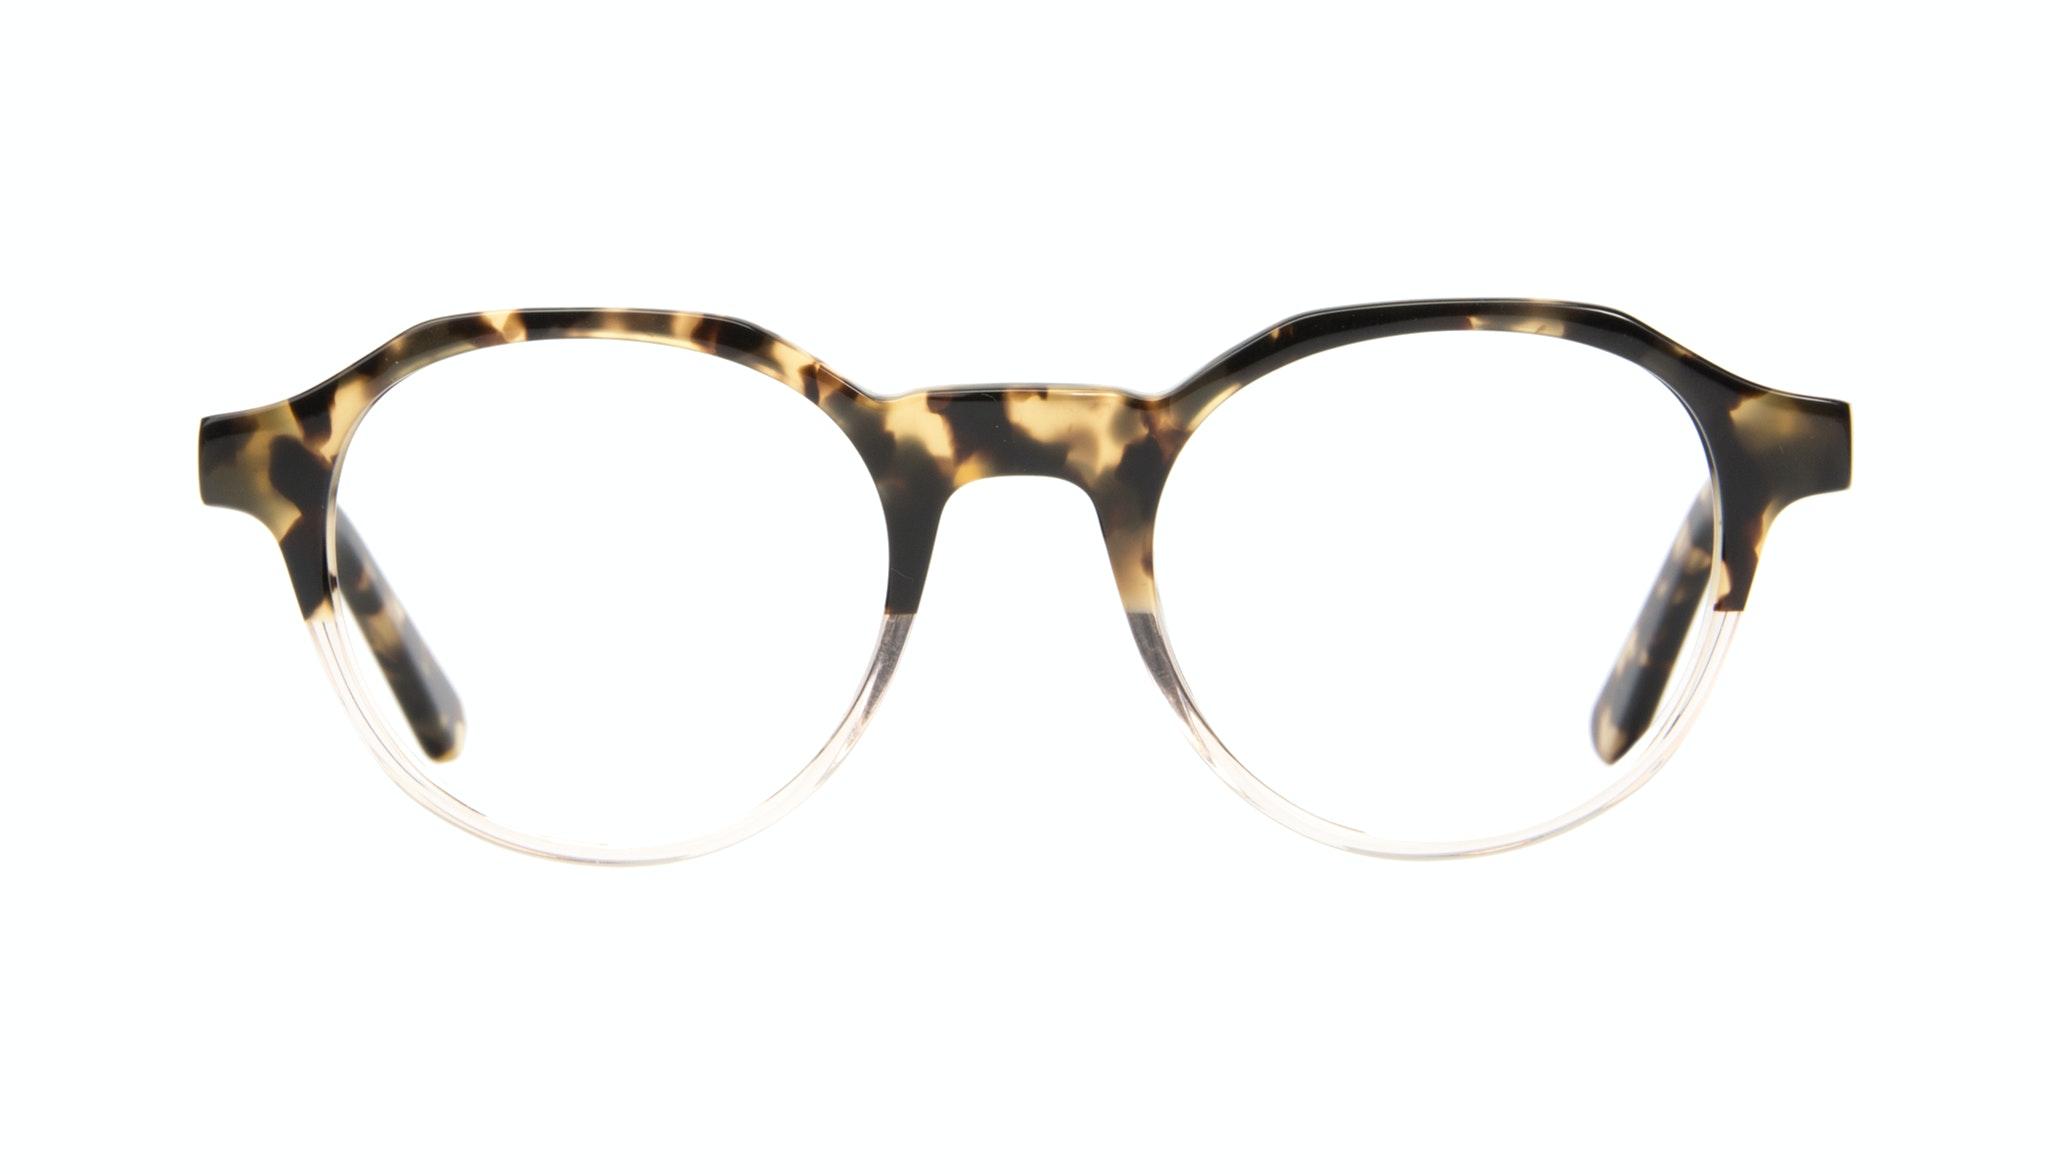 Affordable Fashion Glasses Round Eyeglasses Men Form Golden Tort